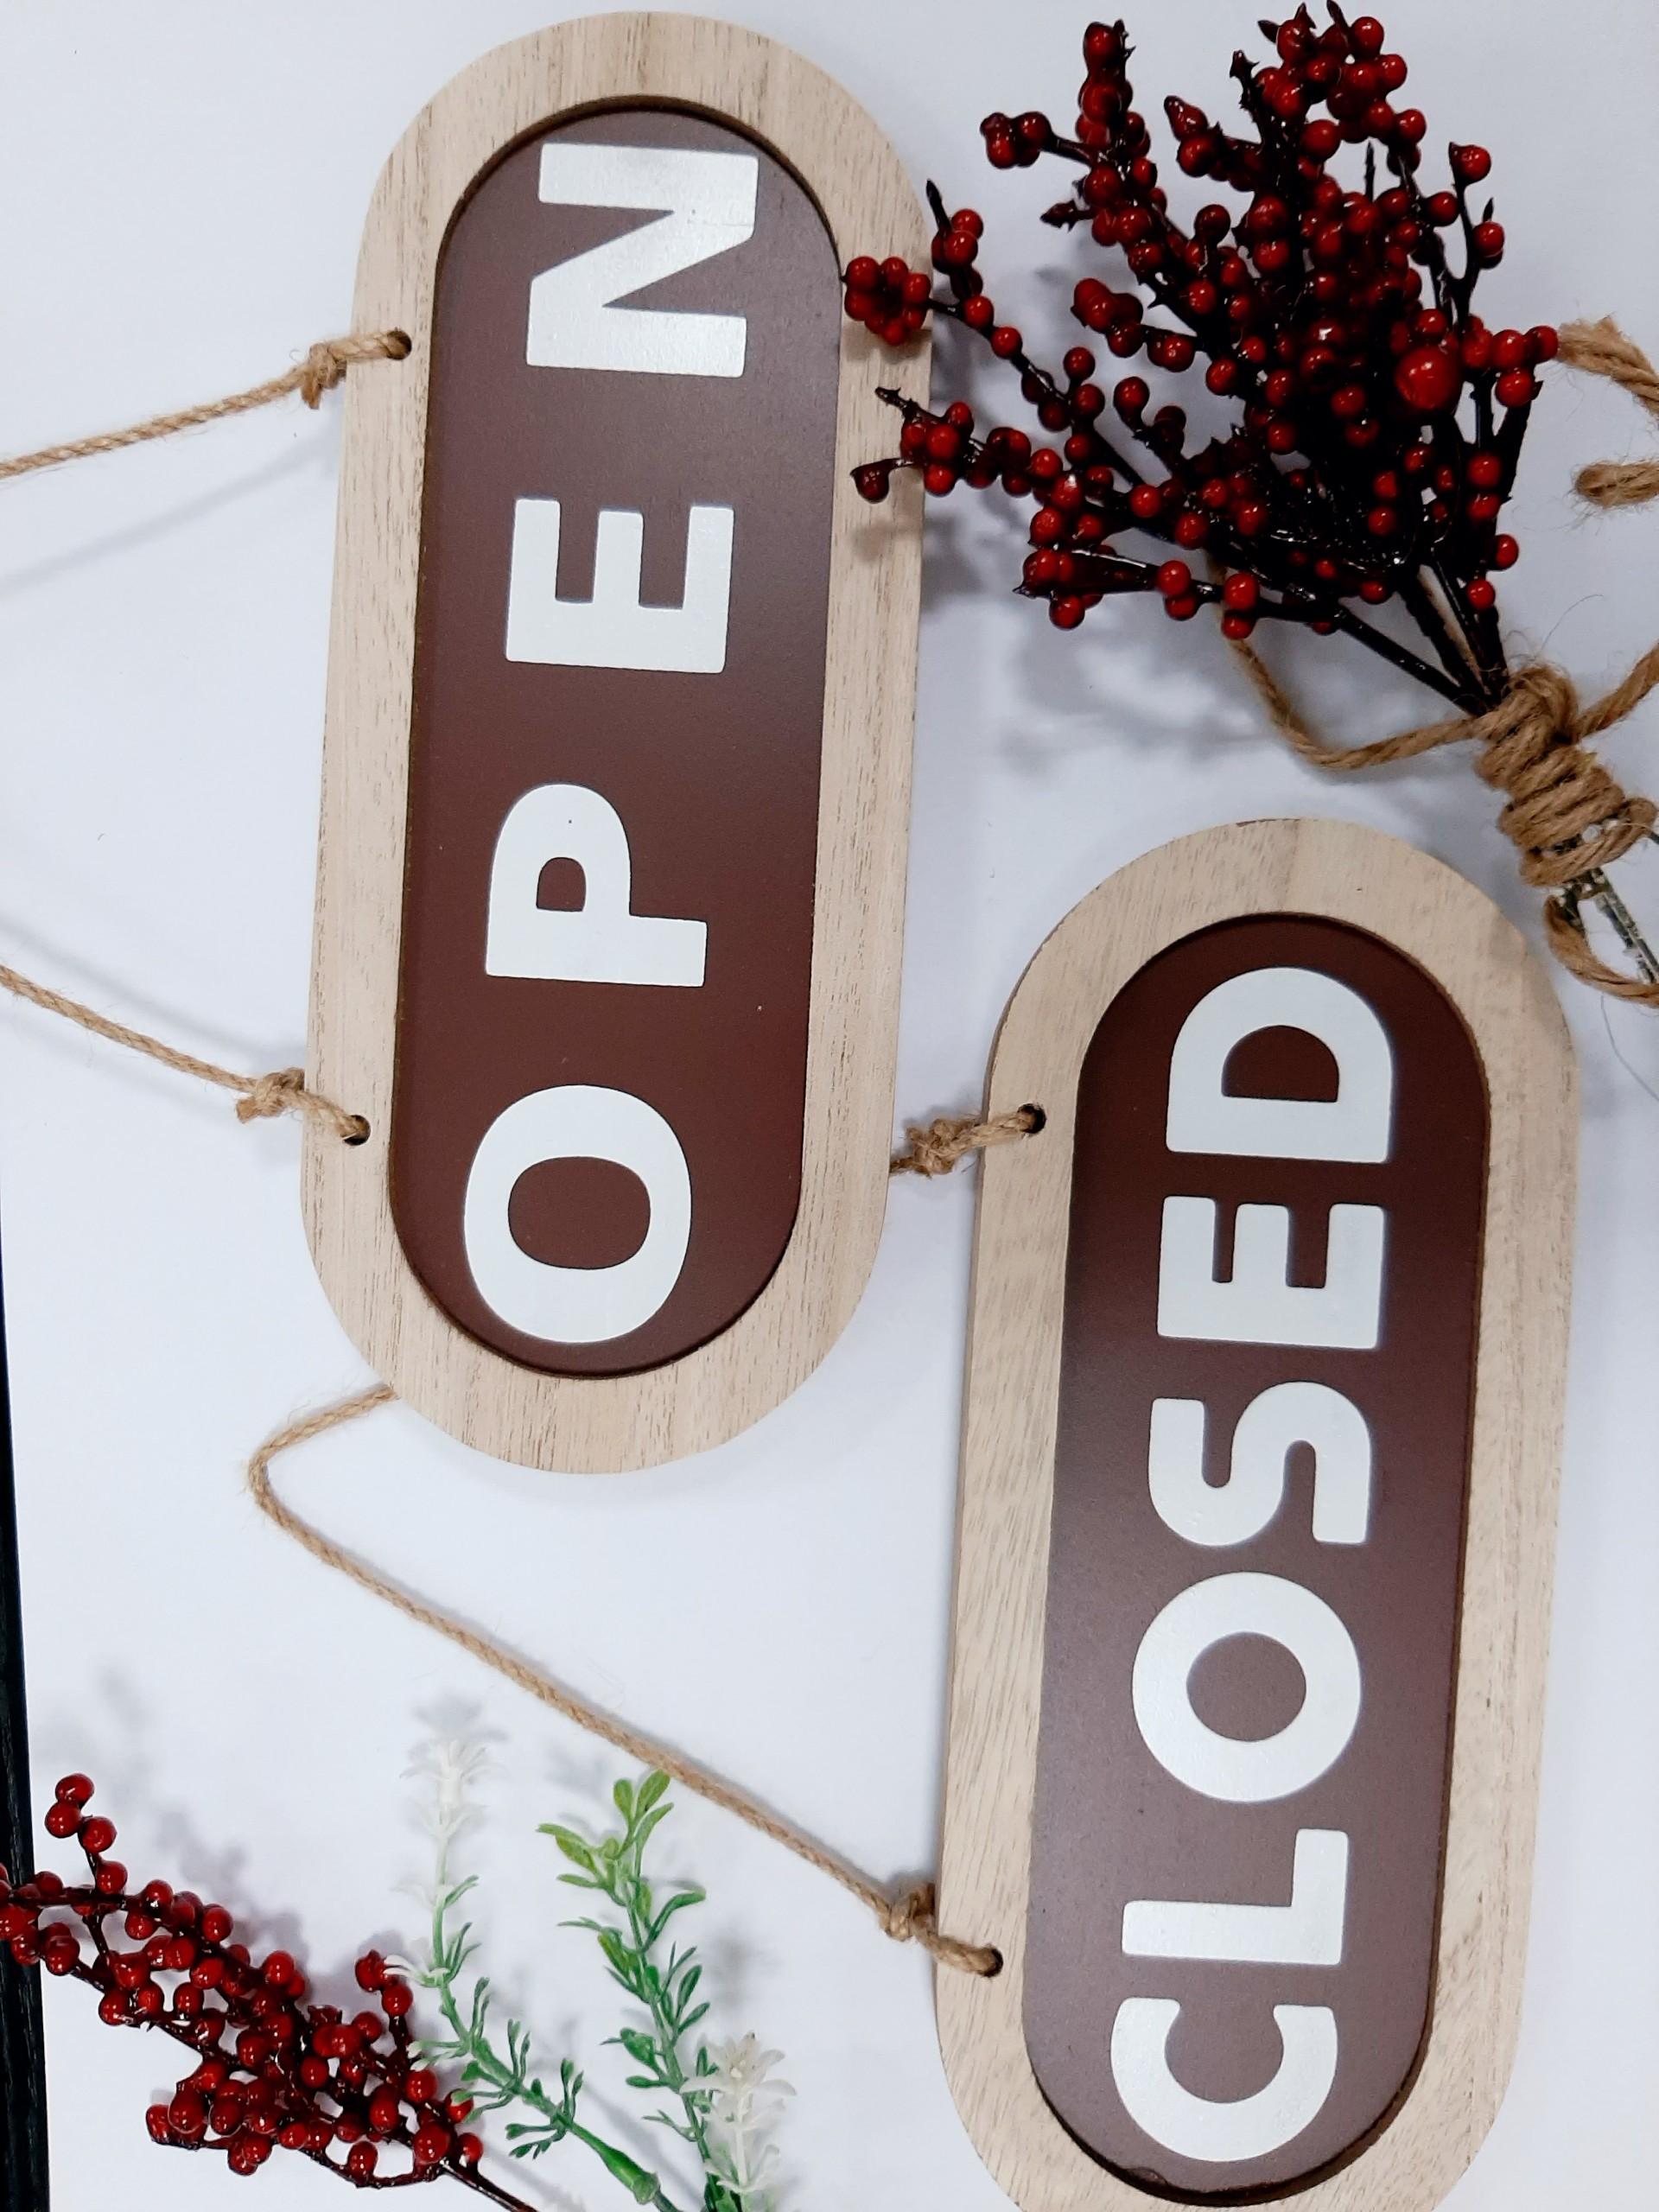 Bảng treo trang trí 2 mặt open/close bằng gỗ thanh lịch